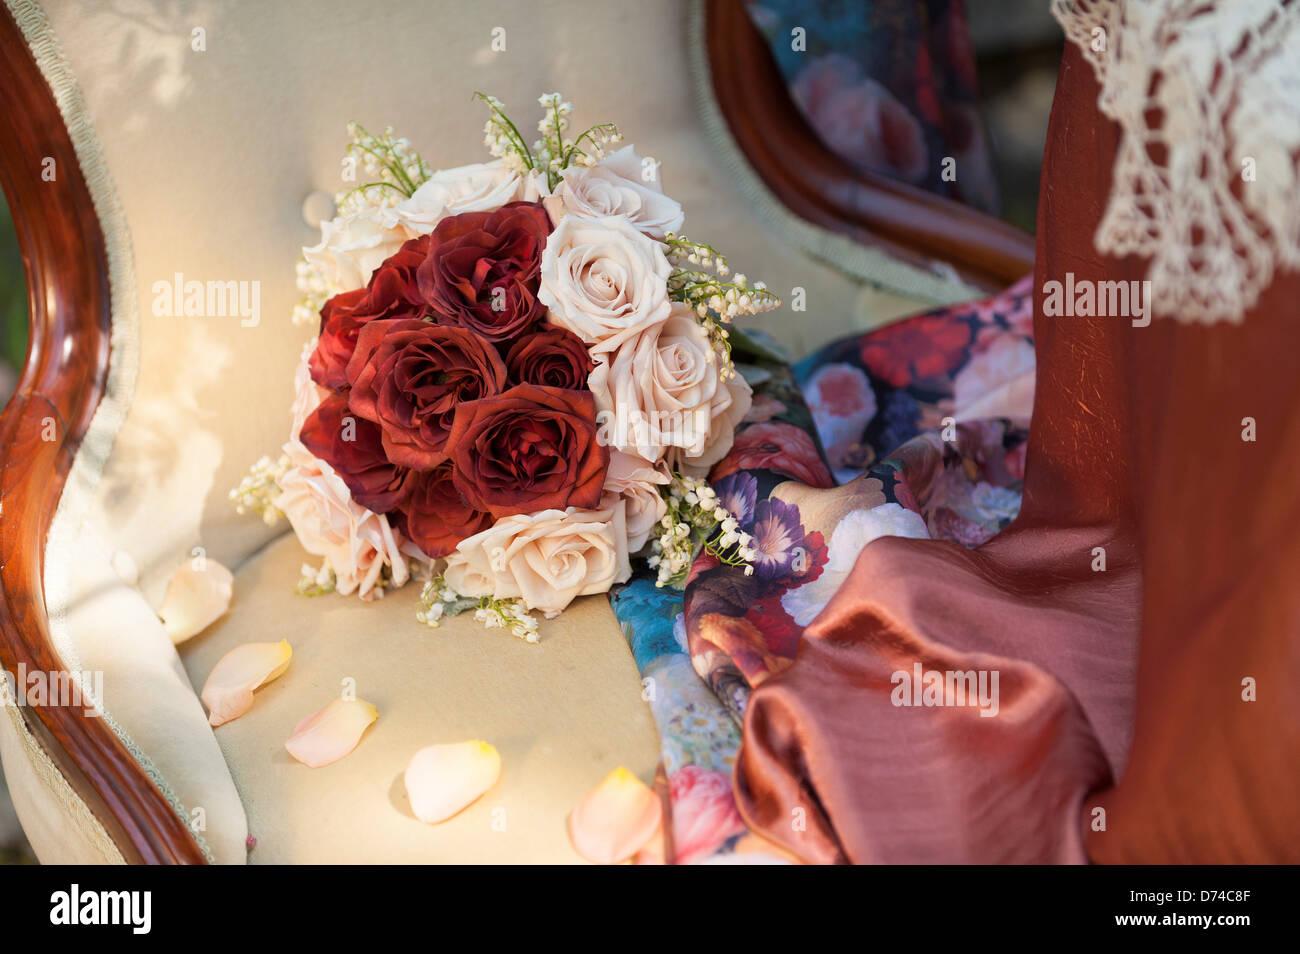 Bouquet von roten und rosa Rosen auf eine altmodische hoher Stuhl zurück Stockbild